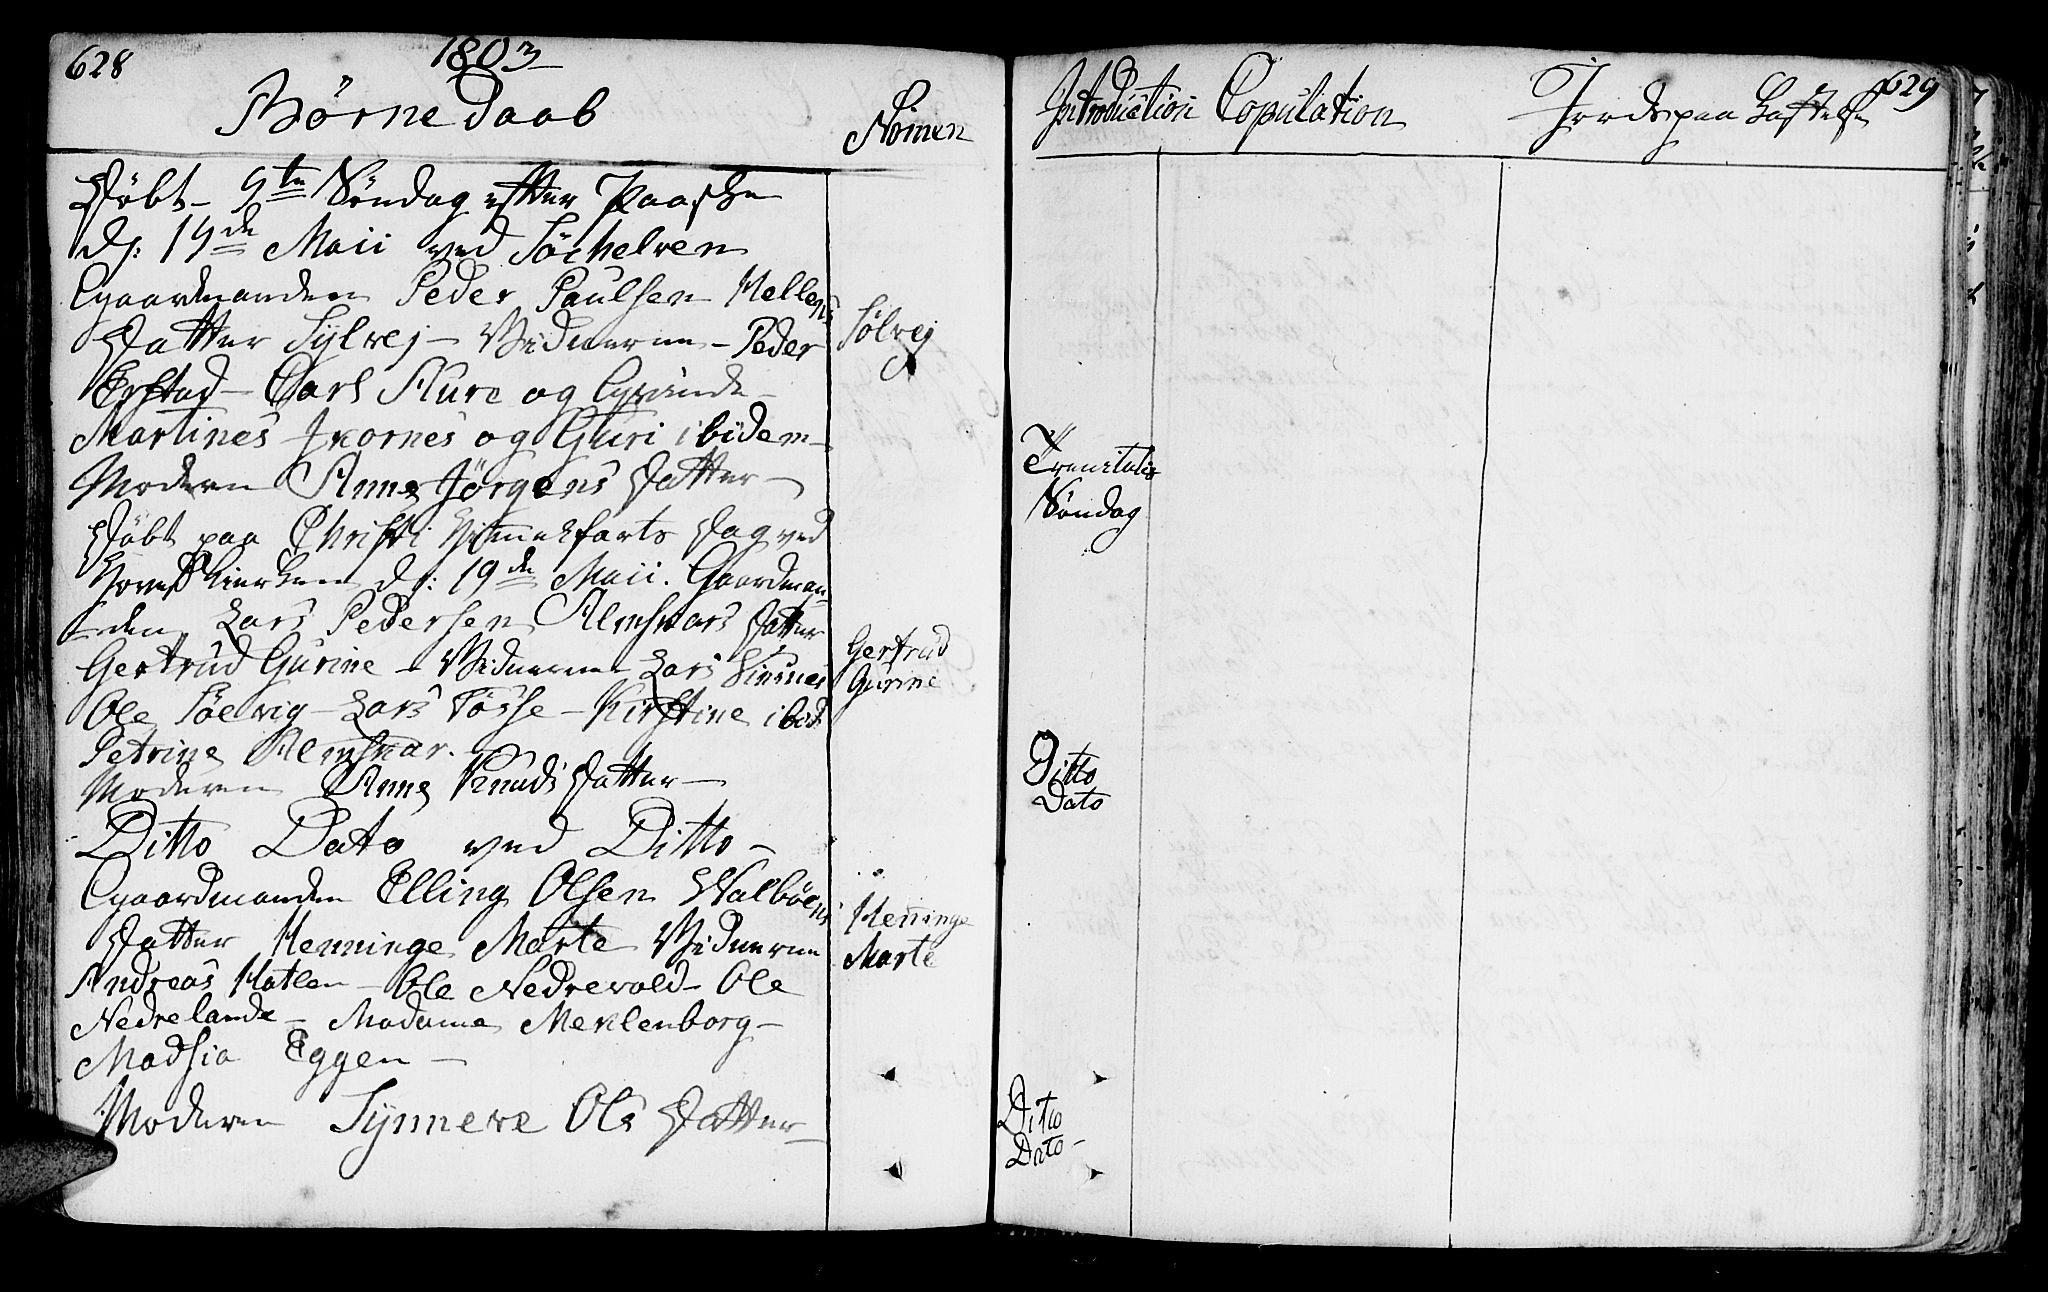 SAT, Ministerialprotokoller, klokkerbøker og fødselsregistre - Møre og Romsdal, 522/L0308: Ministerialbok nr. 522A03, 1773-1809, s. 628-629